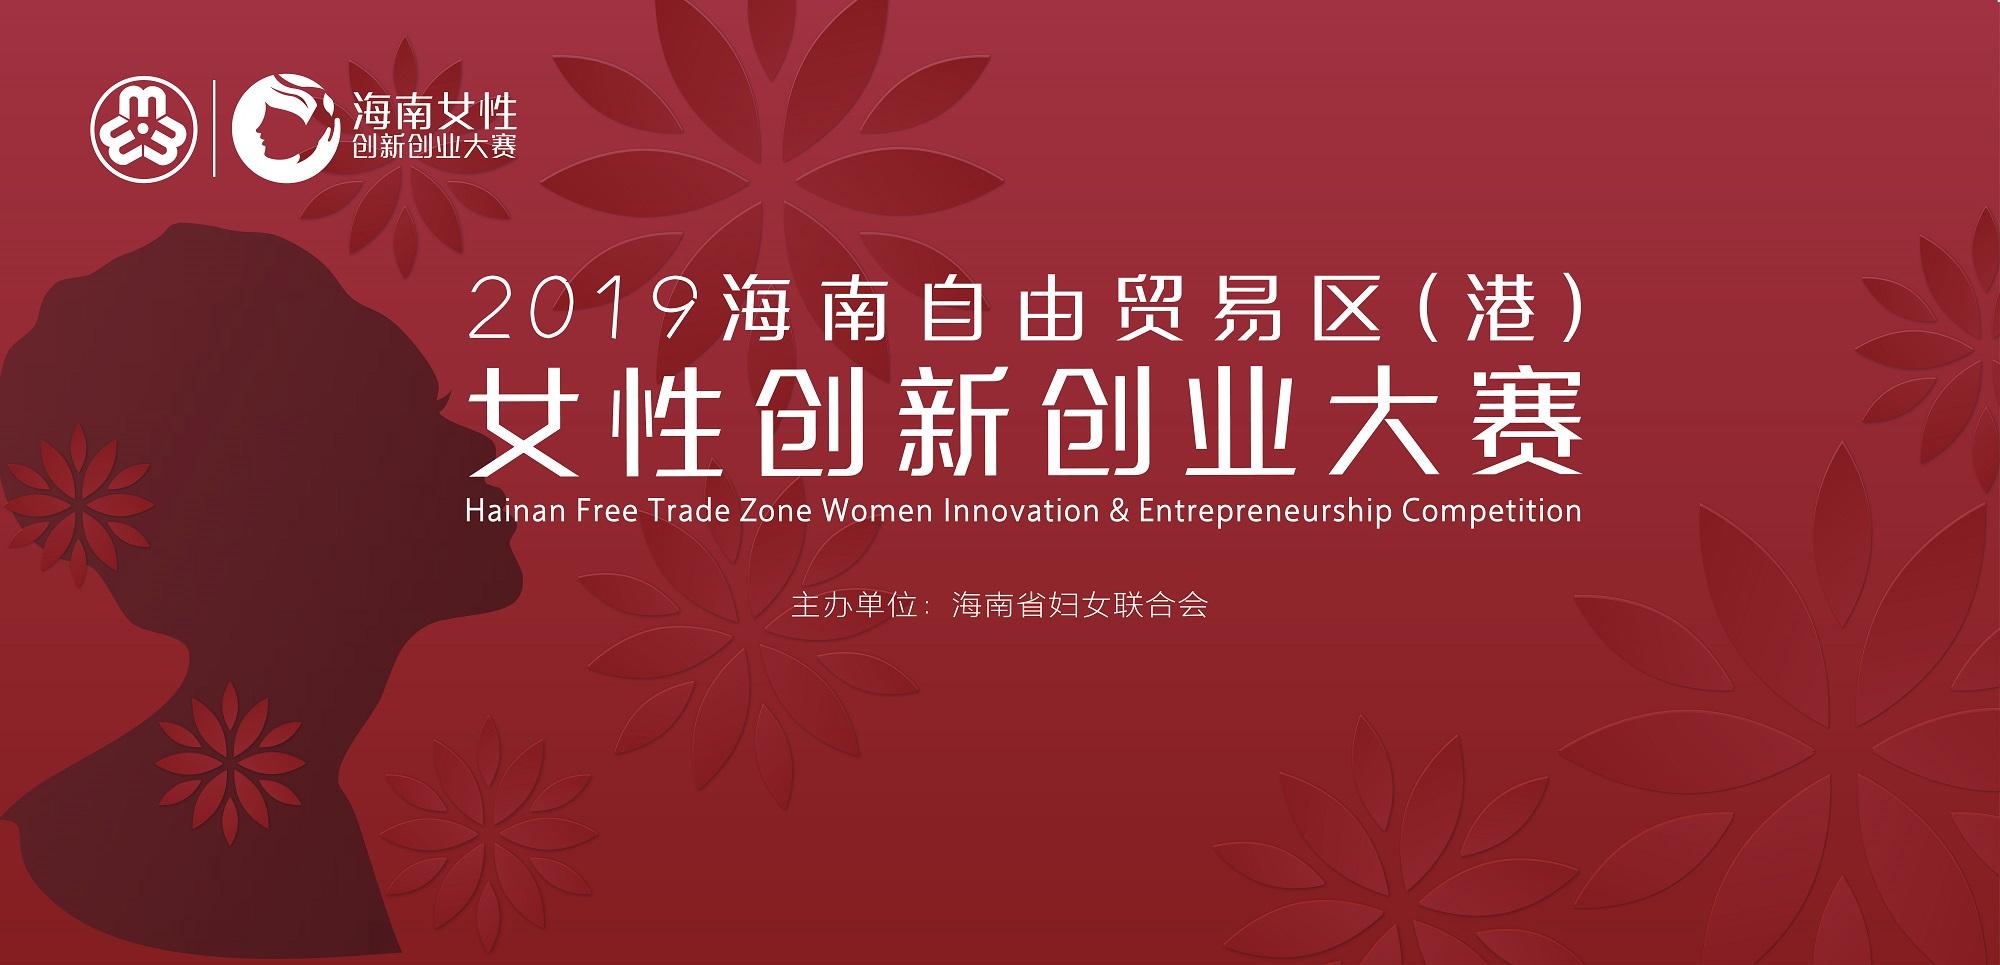 2019海南自贸区(港)女性创新创业大赛直播回顾